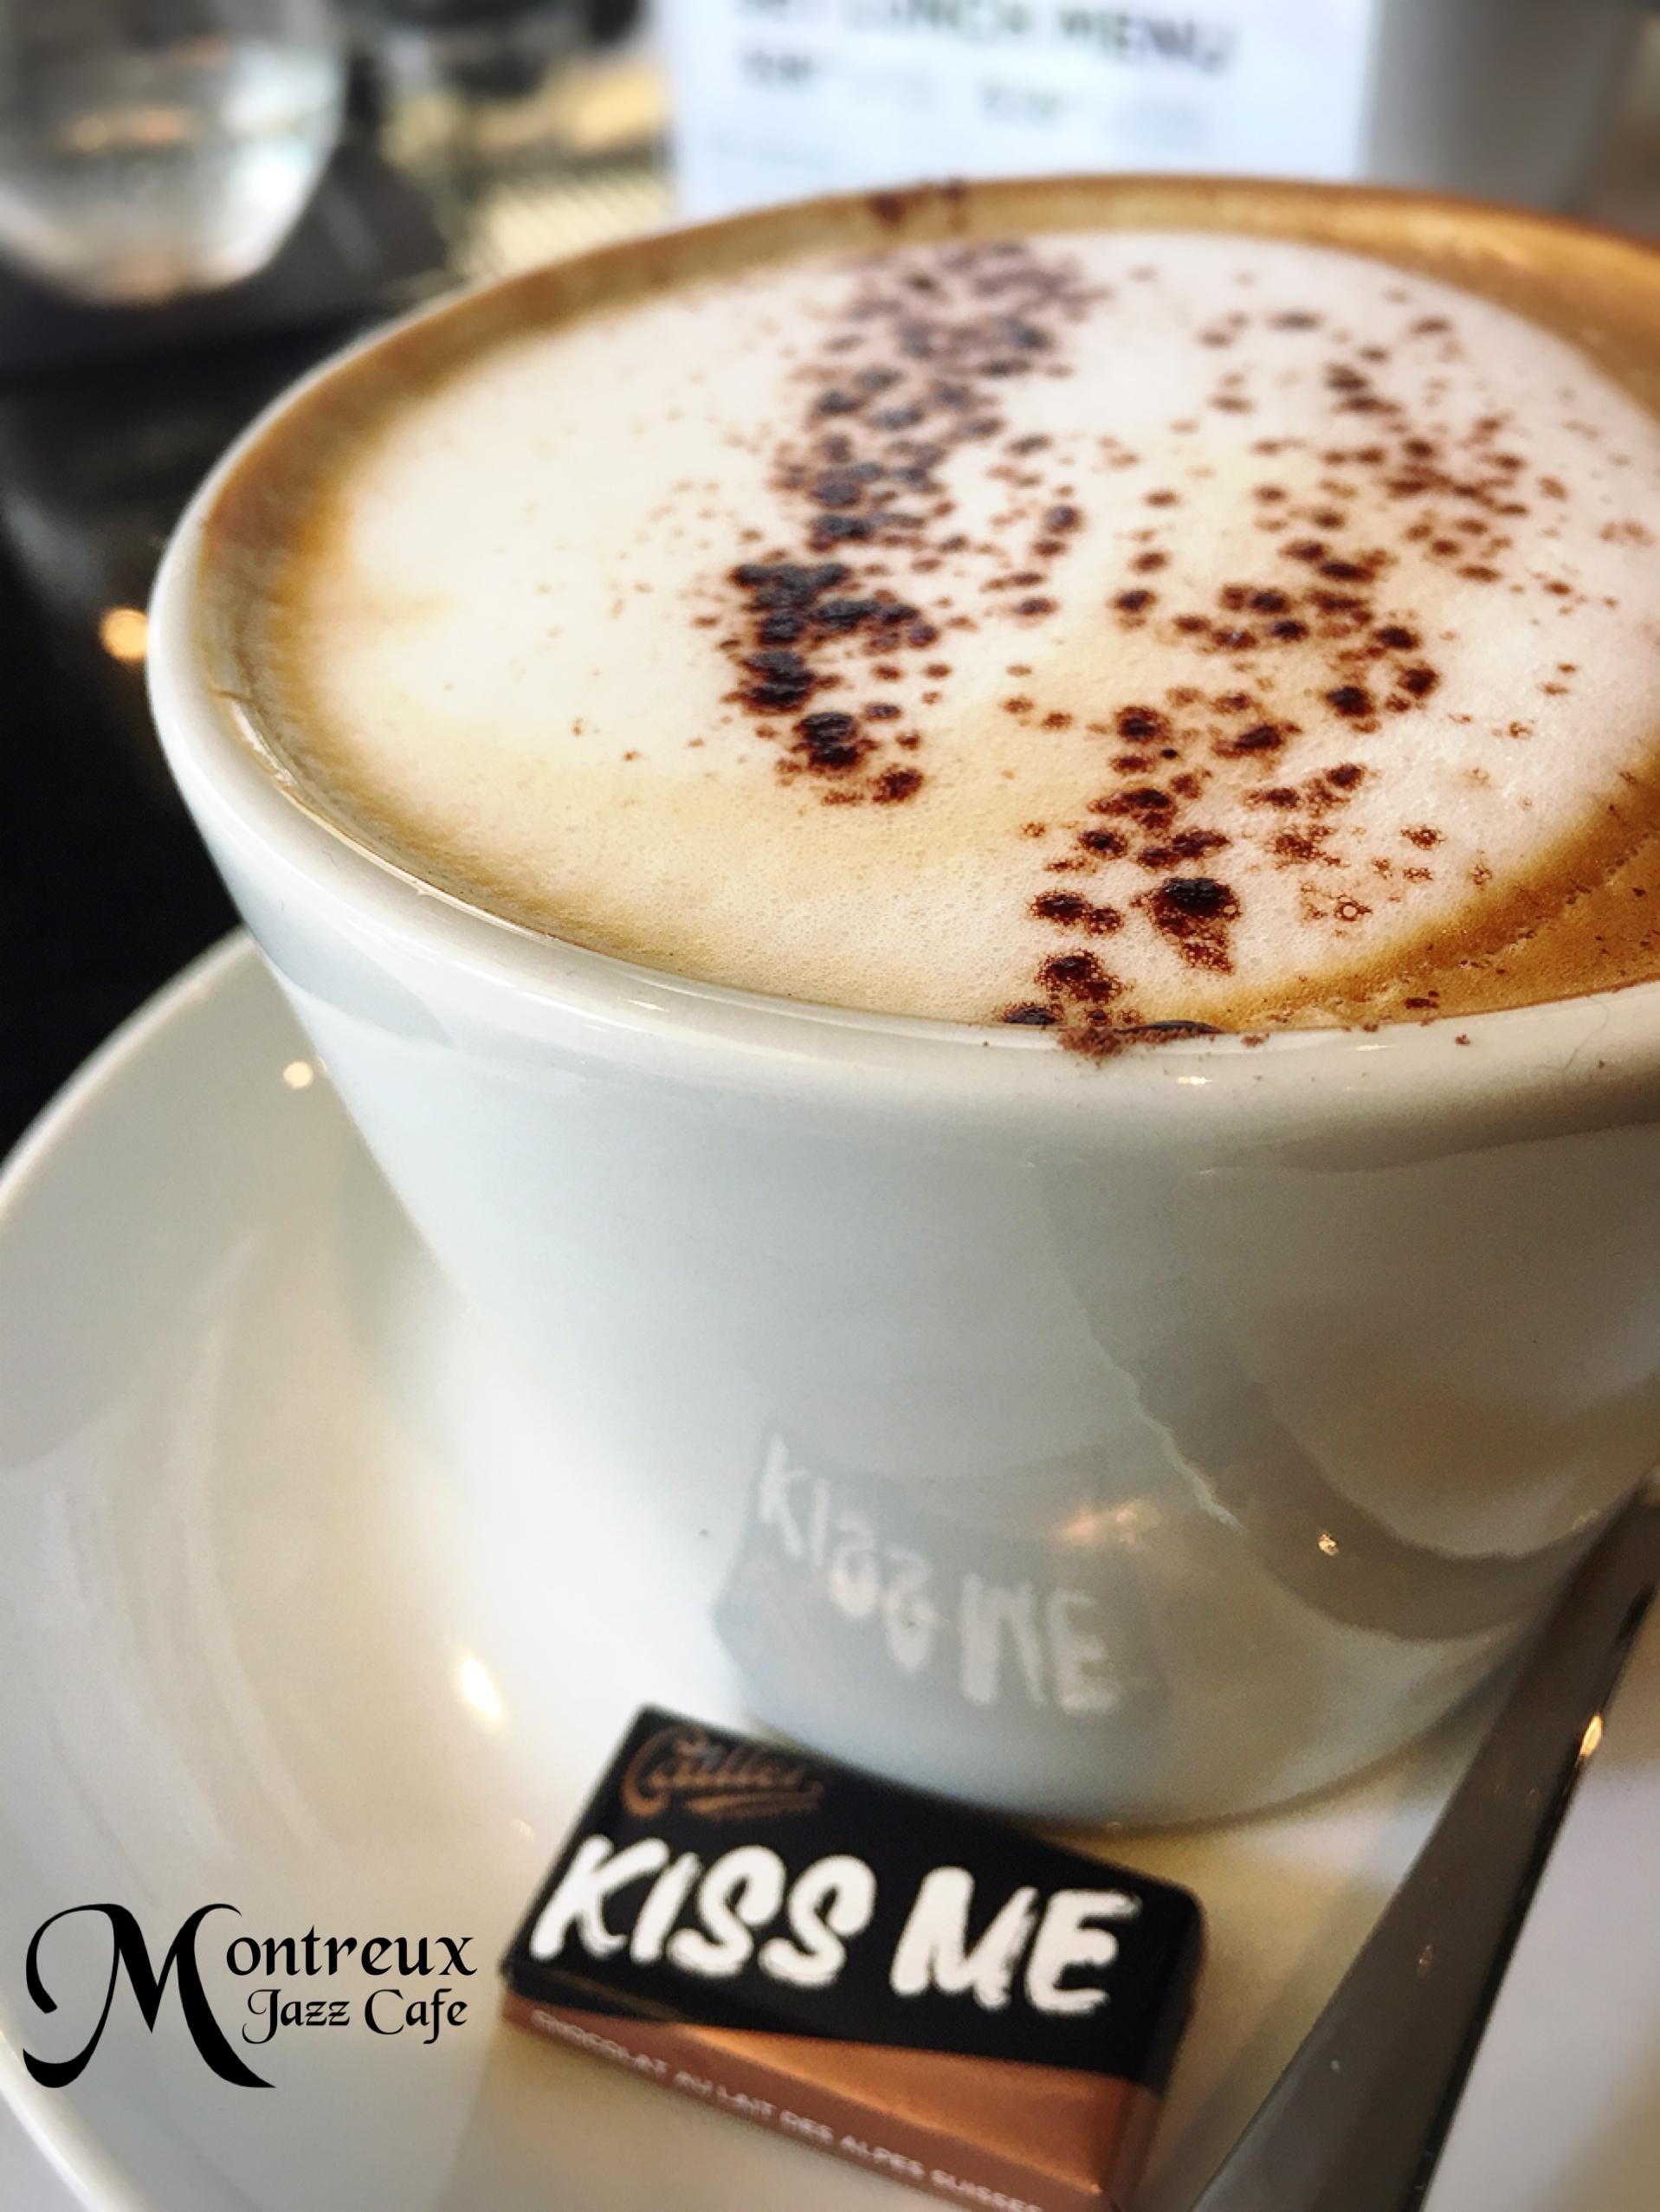 Coffee at Montreux Jazz Café